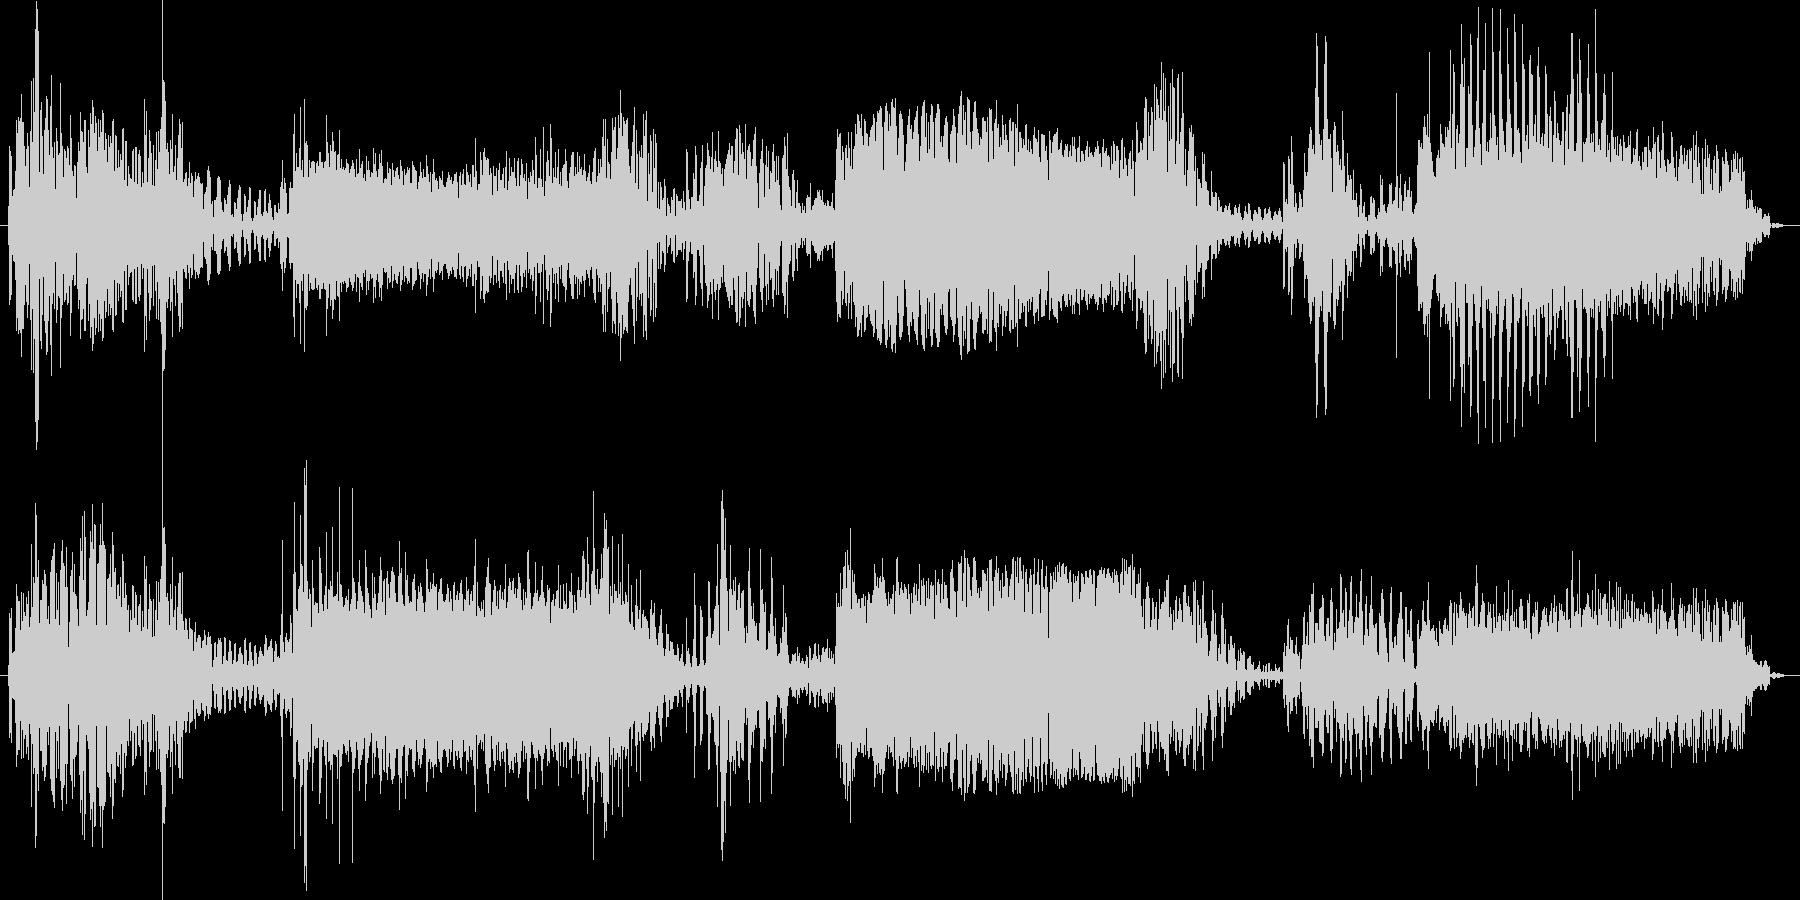 ズクジャラズクジャラ (戦闘開始音)の未再生の波形